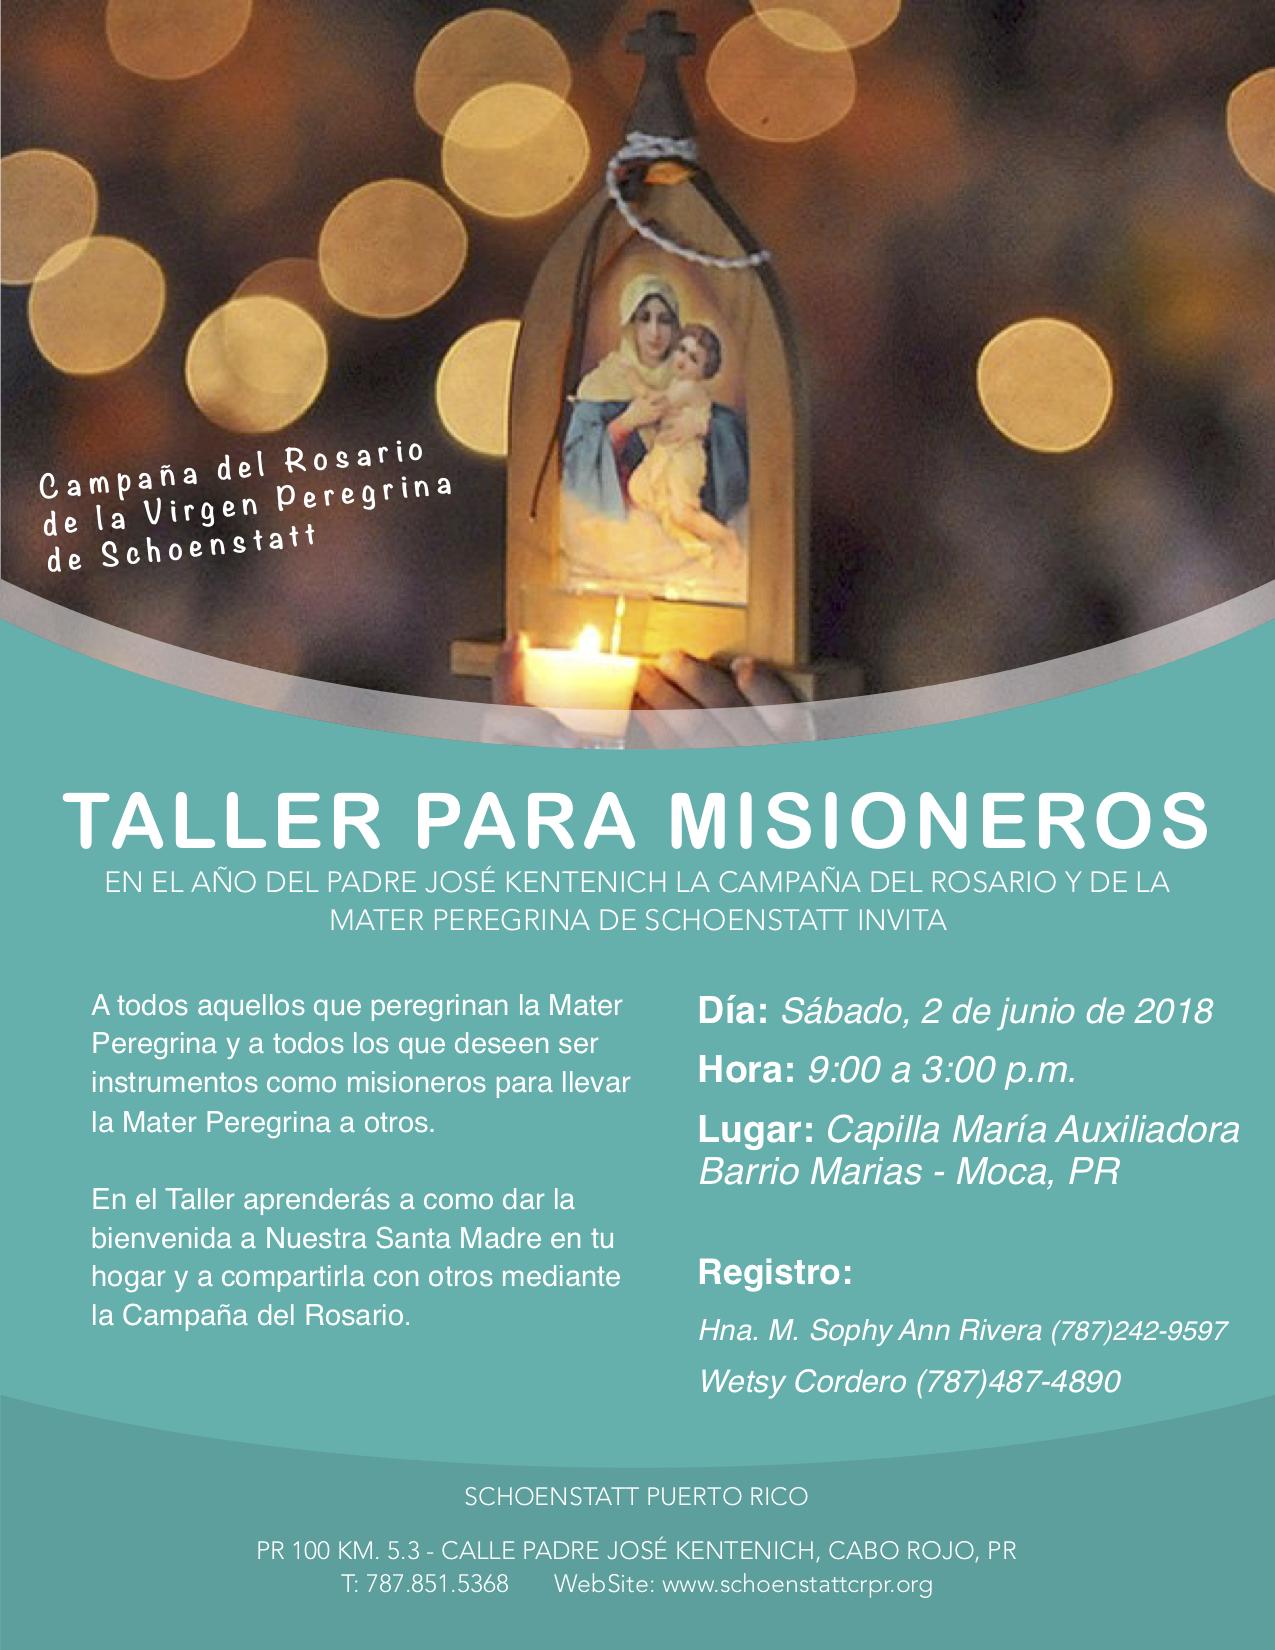 Taller_MTAPeregrina_MOCA.JPG